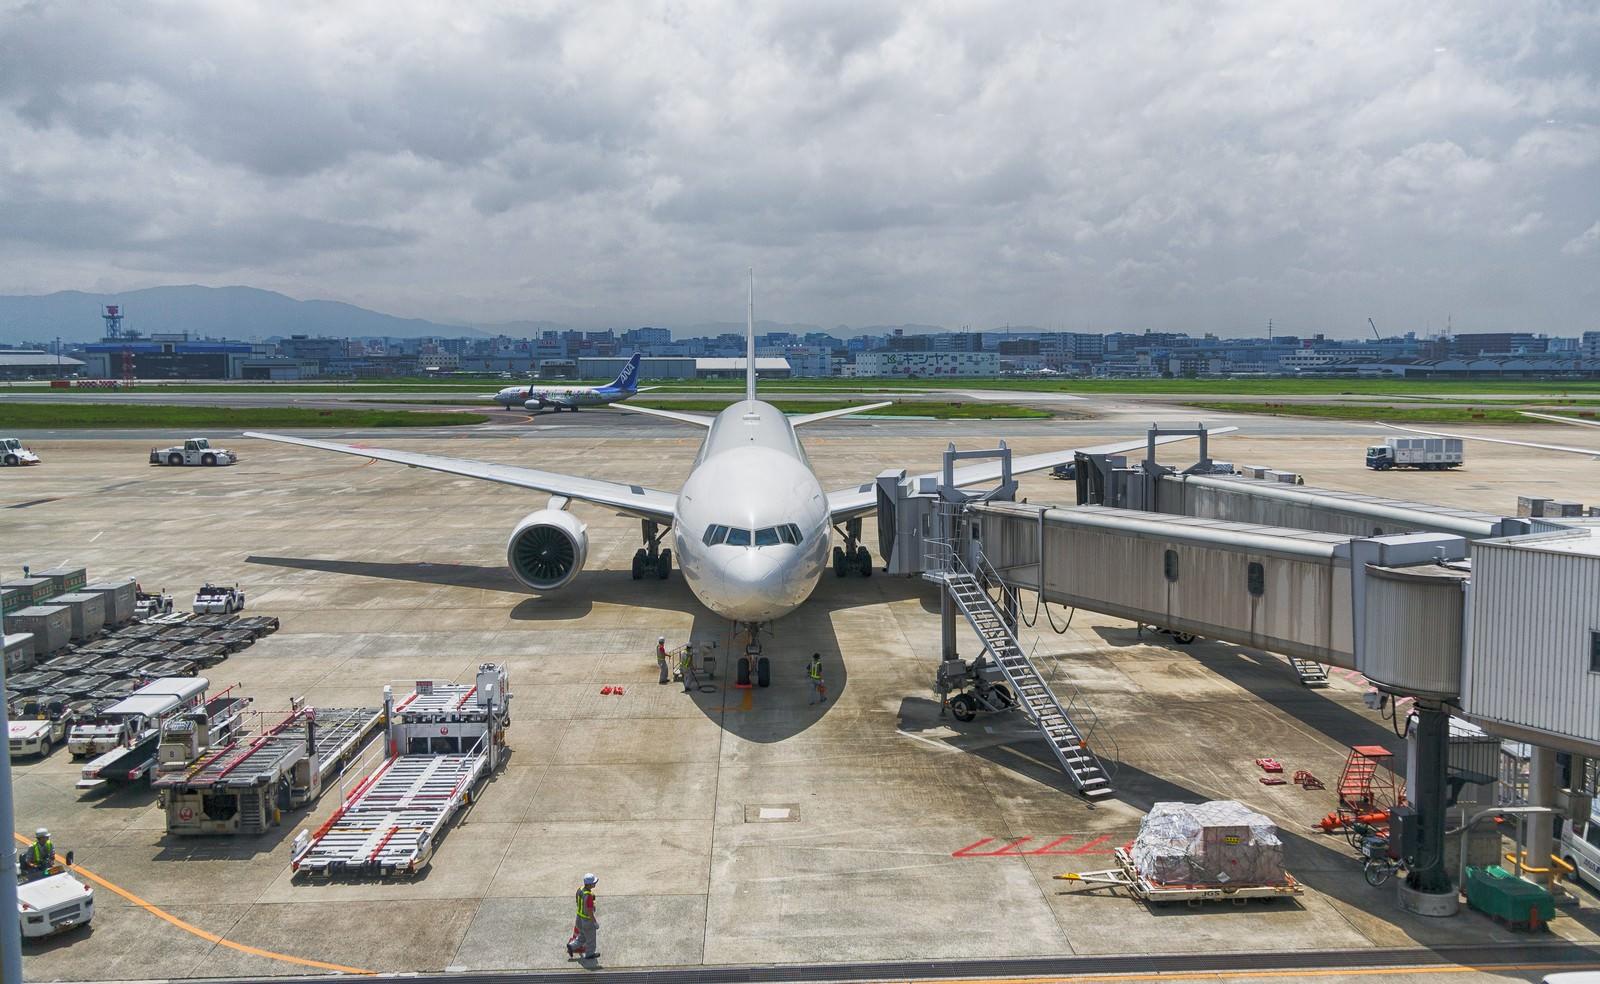 「福岡空港と旅客機福岡空港と旅客機」のフリー写真素材を拡大